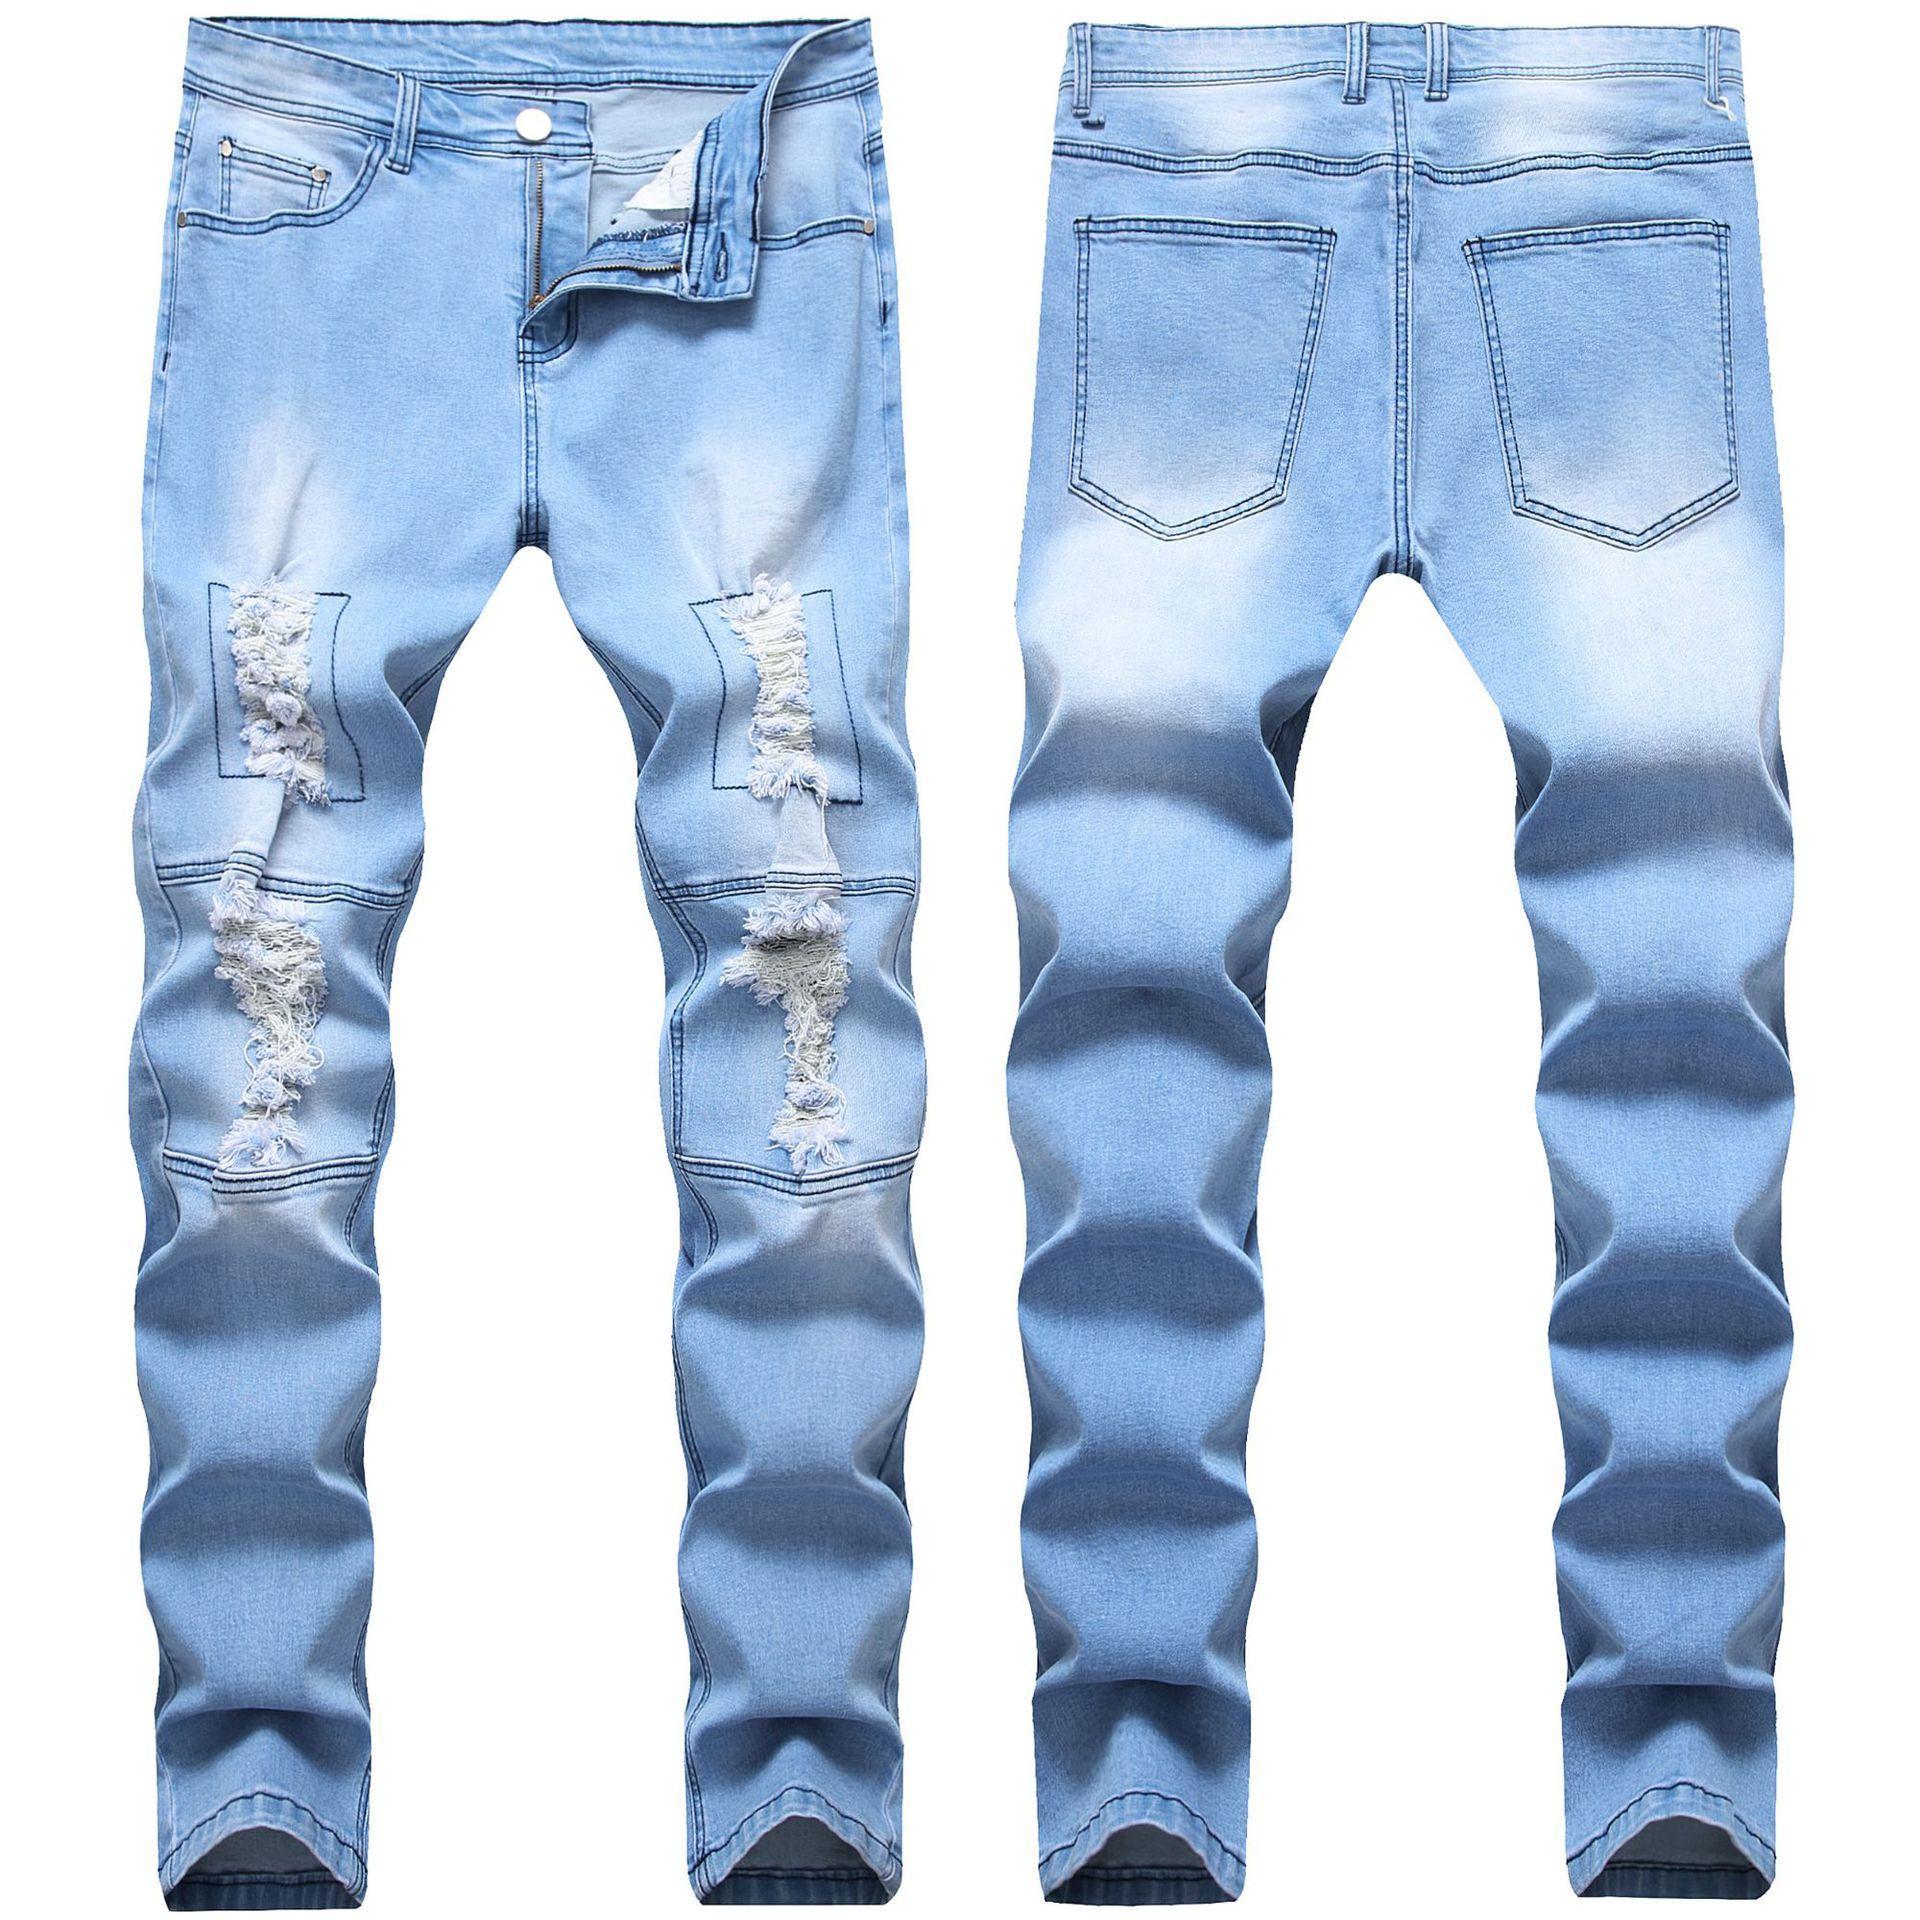 Sıska Erkek Siyah Mavi Kot Serin Erkekler Kot Streç Slim Fit Düz Denim Biker Jeans Hip Hop Erkekler Streetwear 1820 #